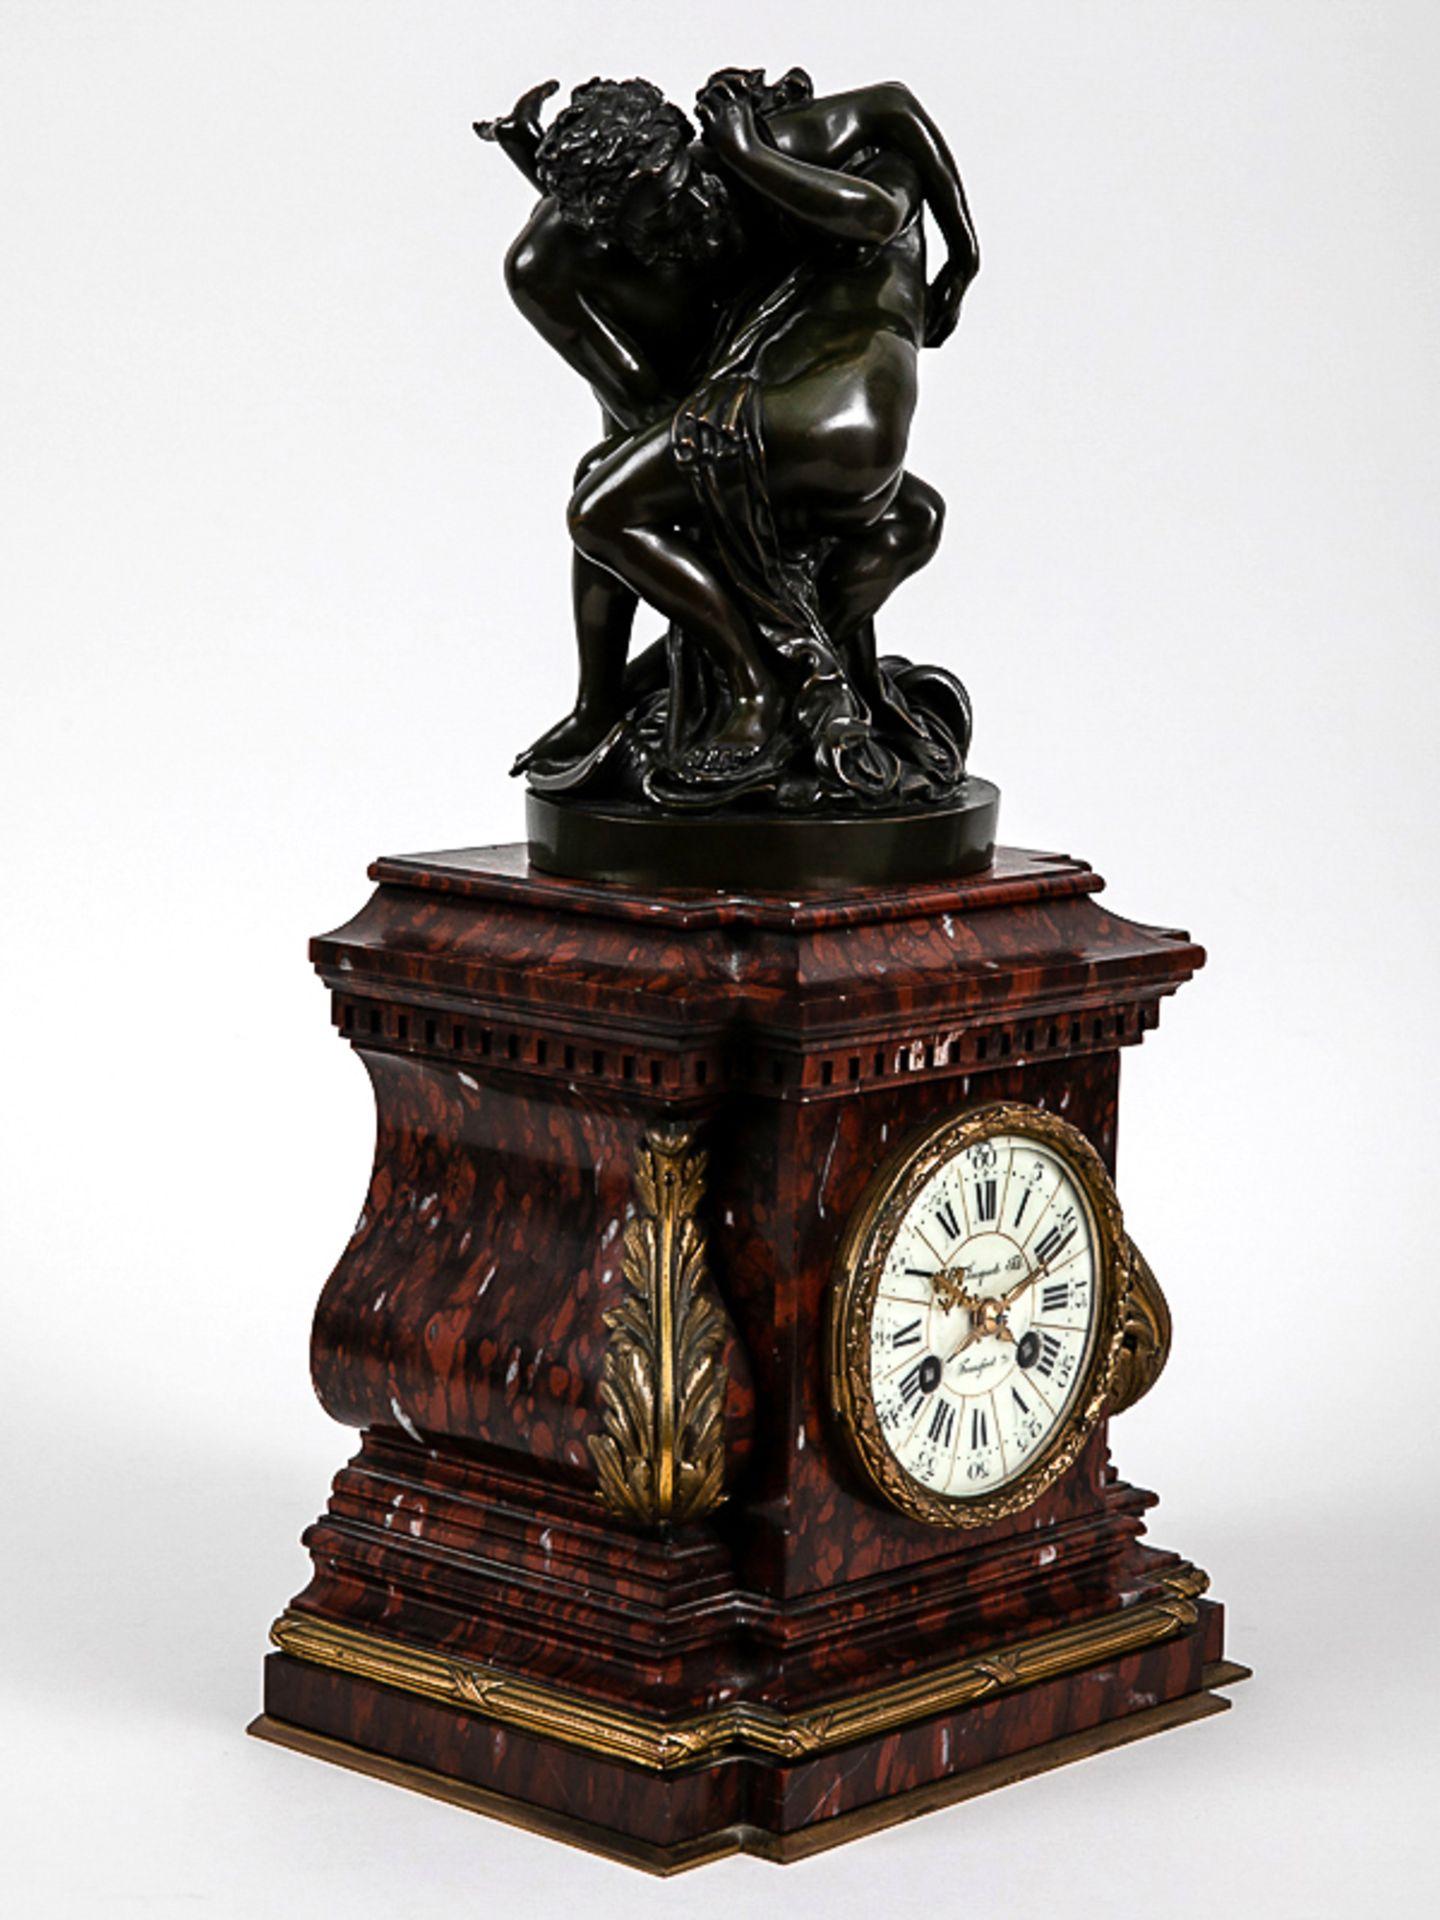 Kaminuhr mit Bronzegruppe, H. Jacquet & Fils/ Roblin, Paris, 2. Hälfte 19. Jh. Bronzeplastik i - Bild 10 aus 10